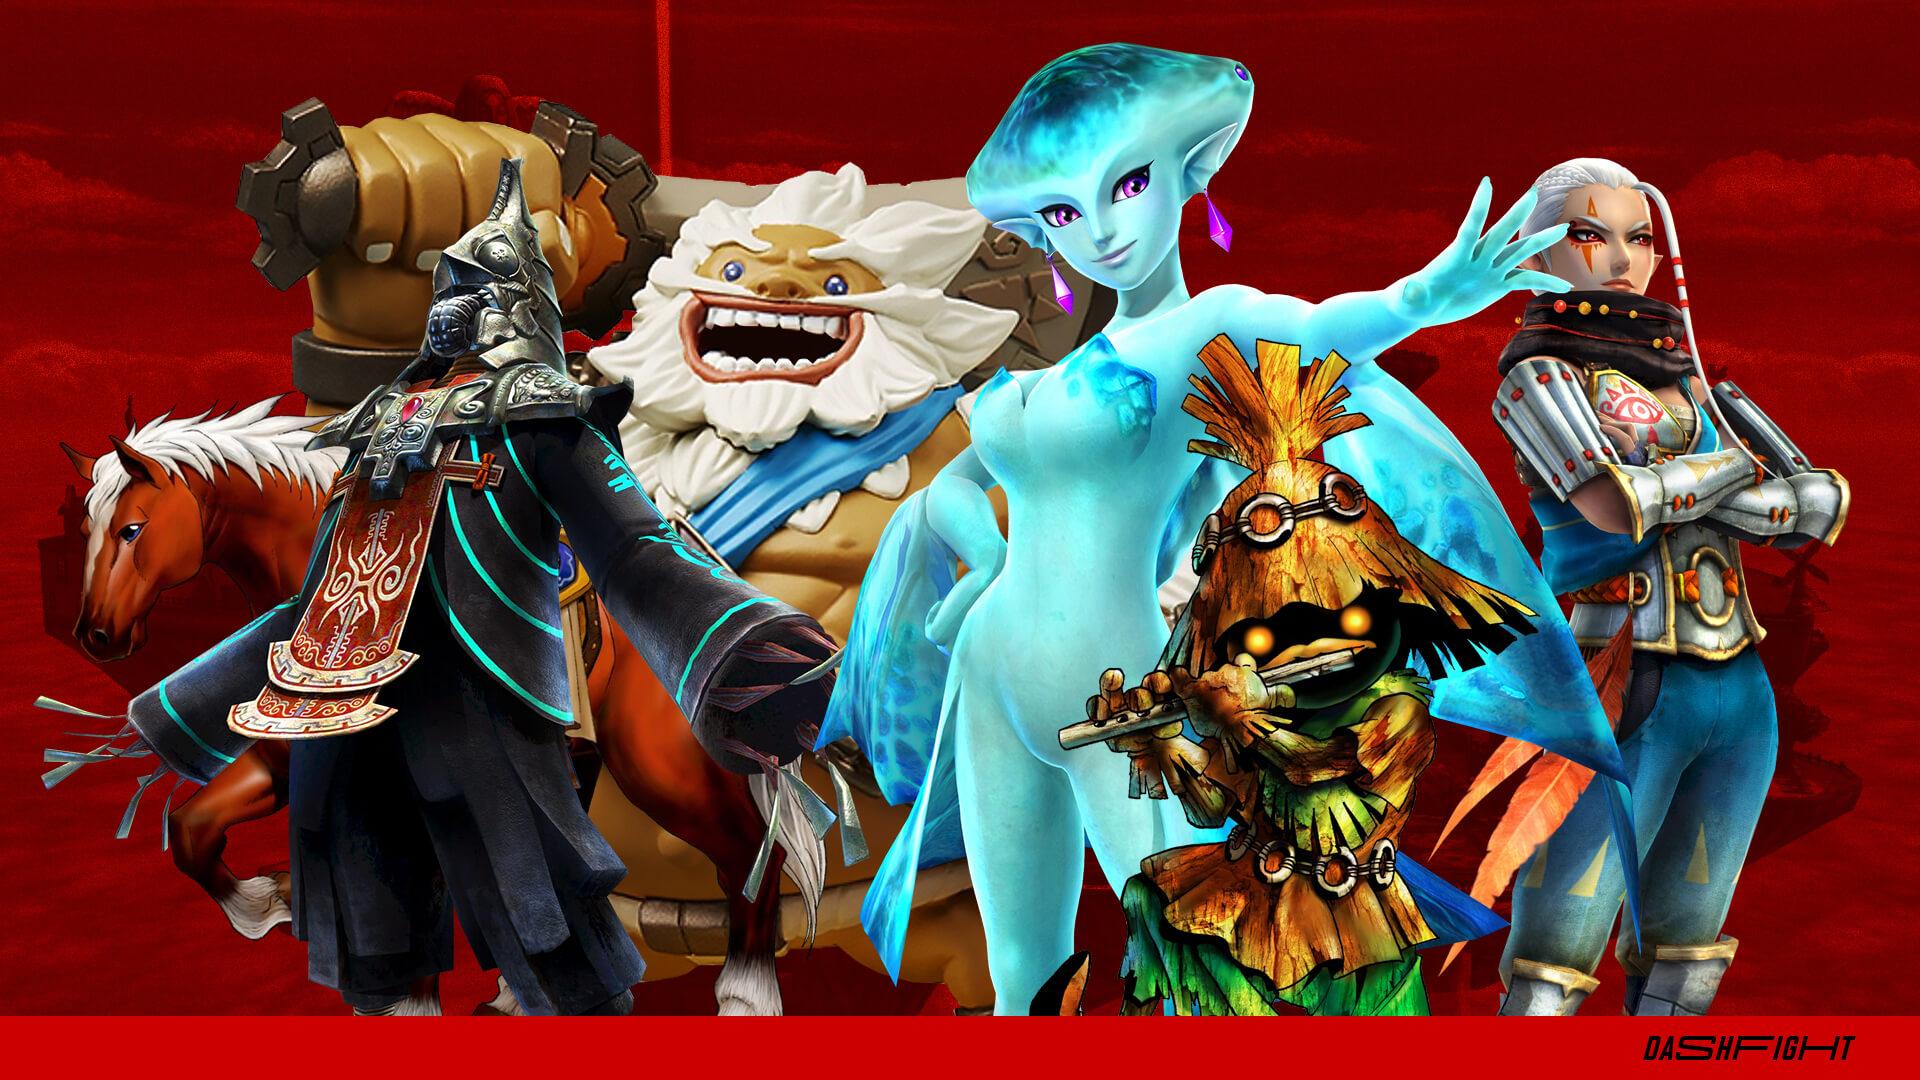 History of Zelda heroes in Super Smash Bros games